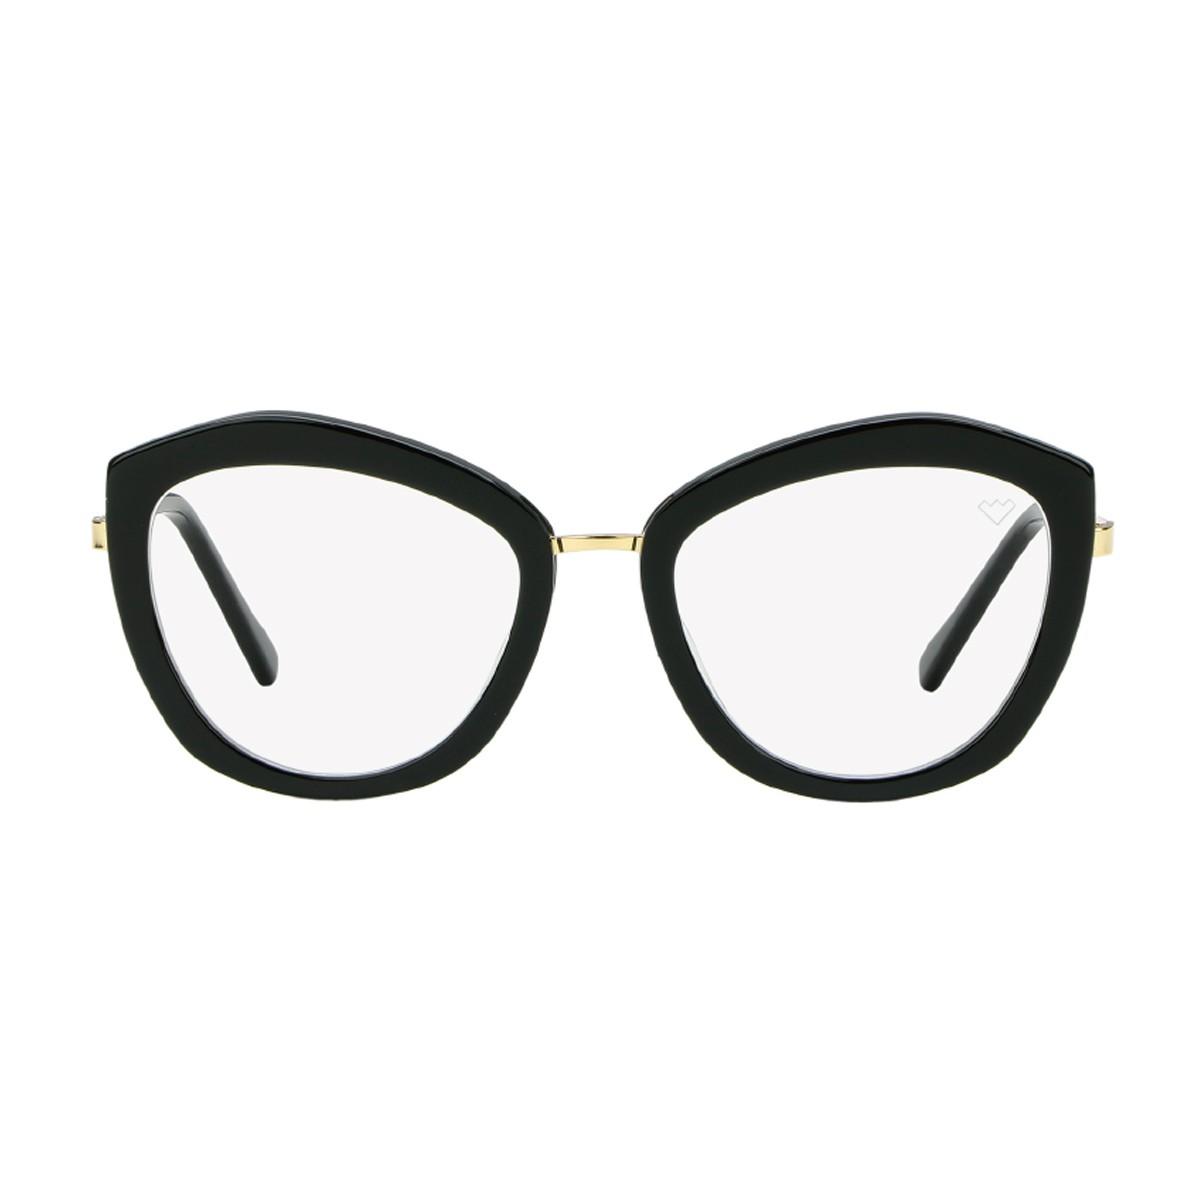 Spektre Grace   Women's eyeglasses